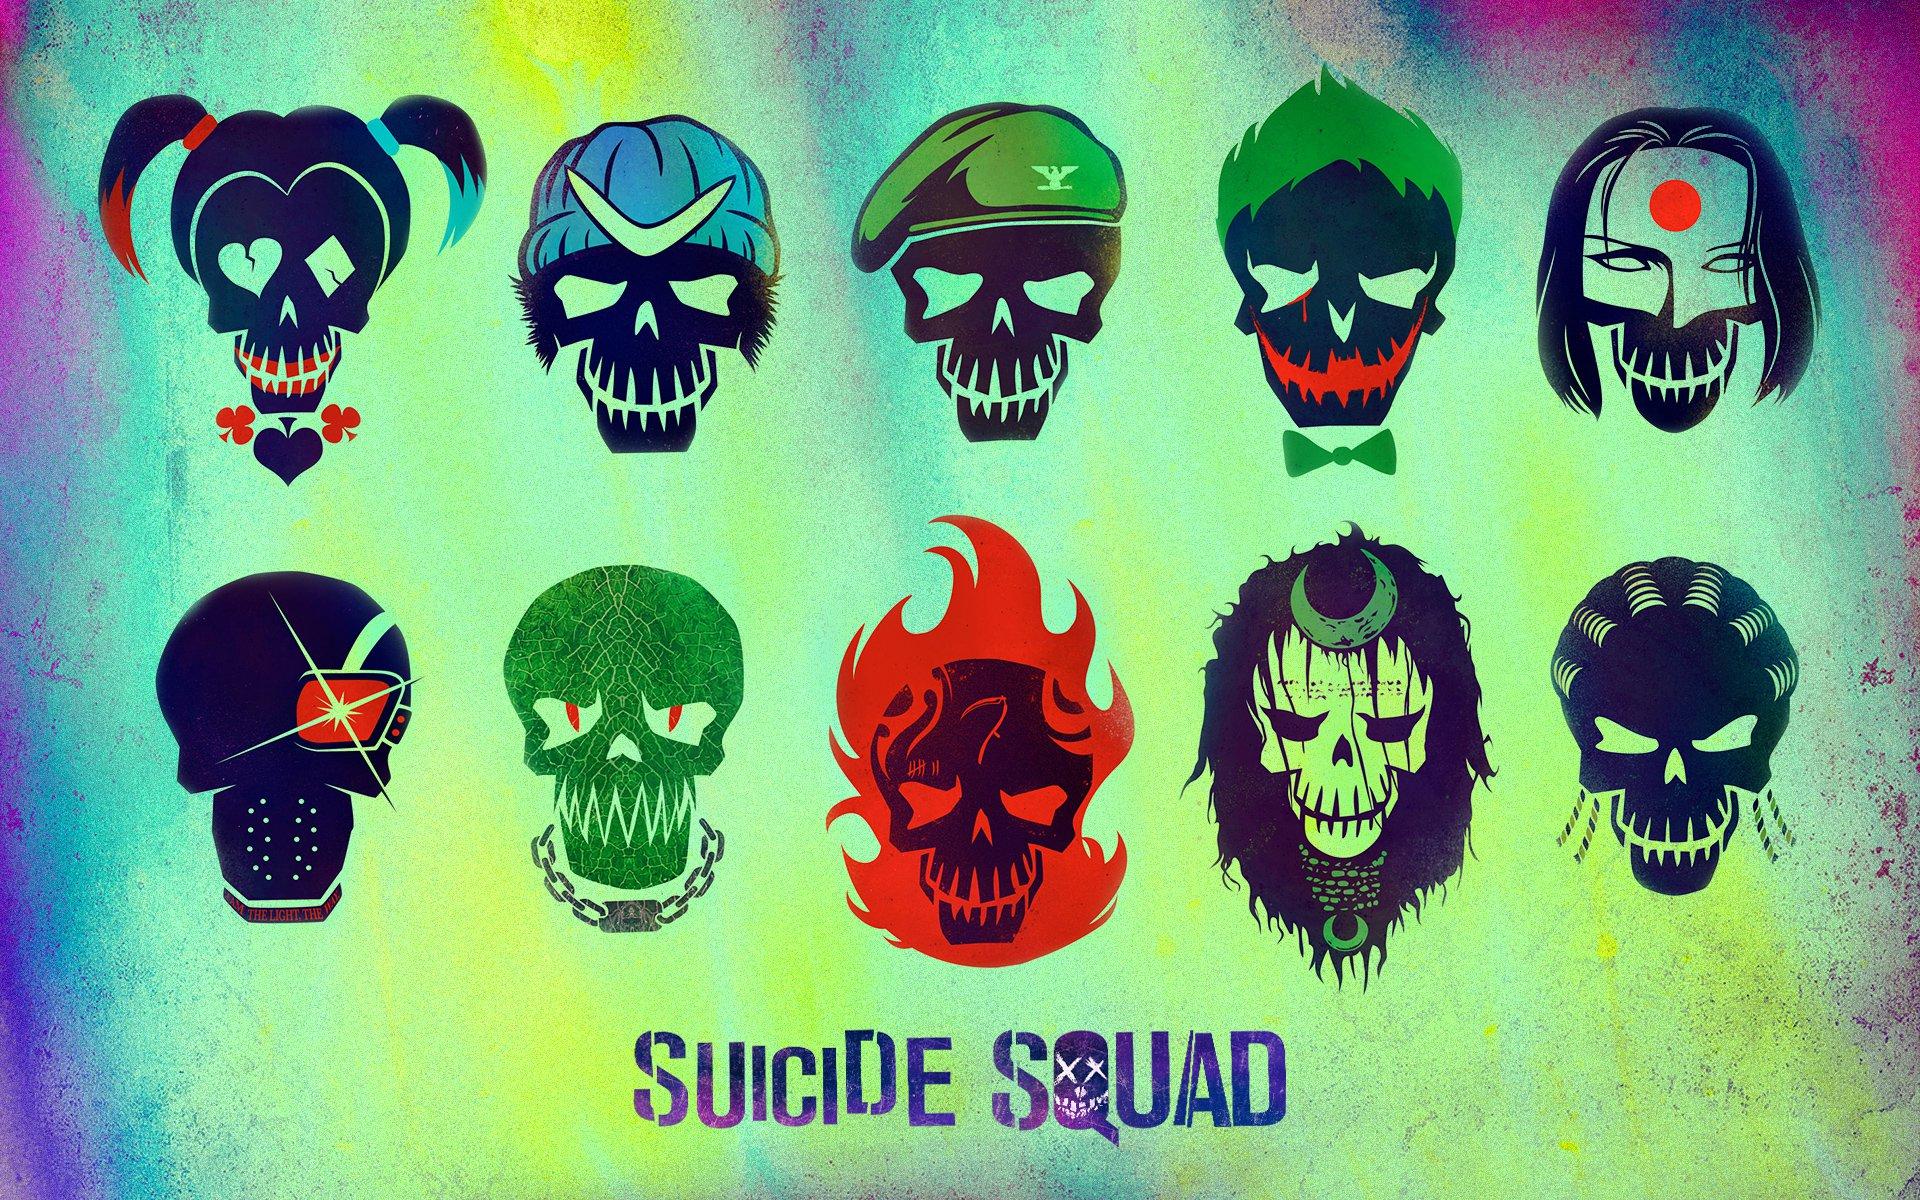 Suicide Squad Skull वॉलपेपर